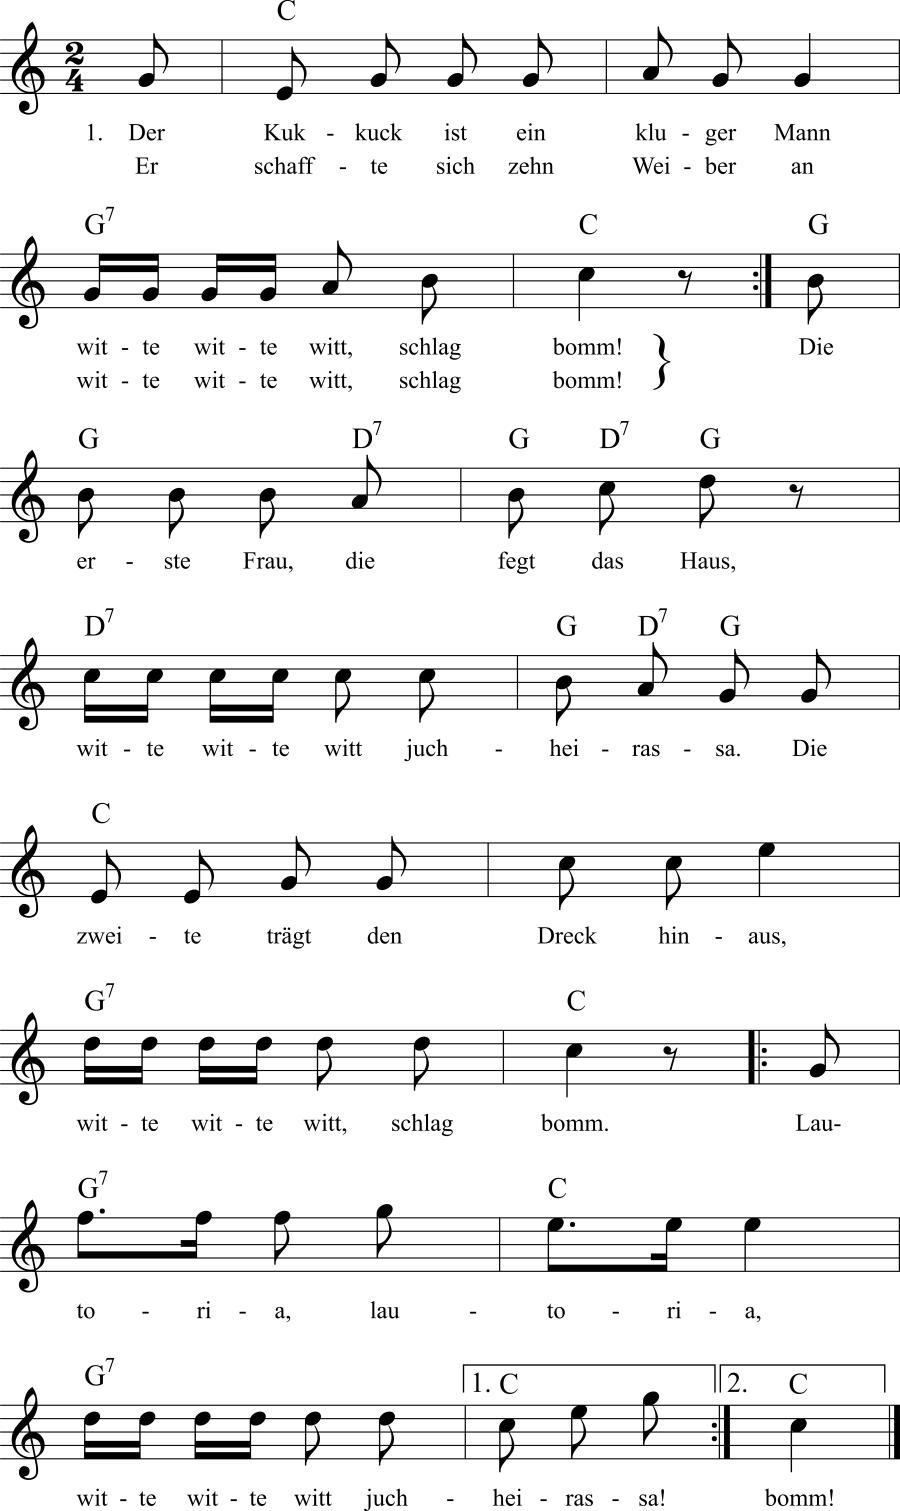 Musiknoten zum Lied Der Kuckuck ist ein kluger Mann